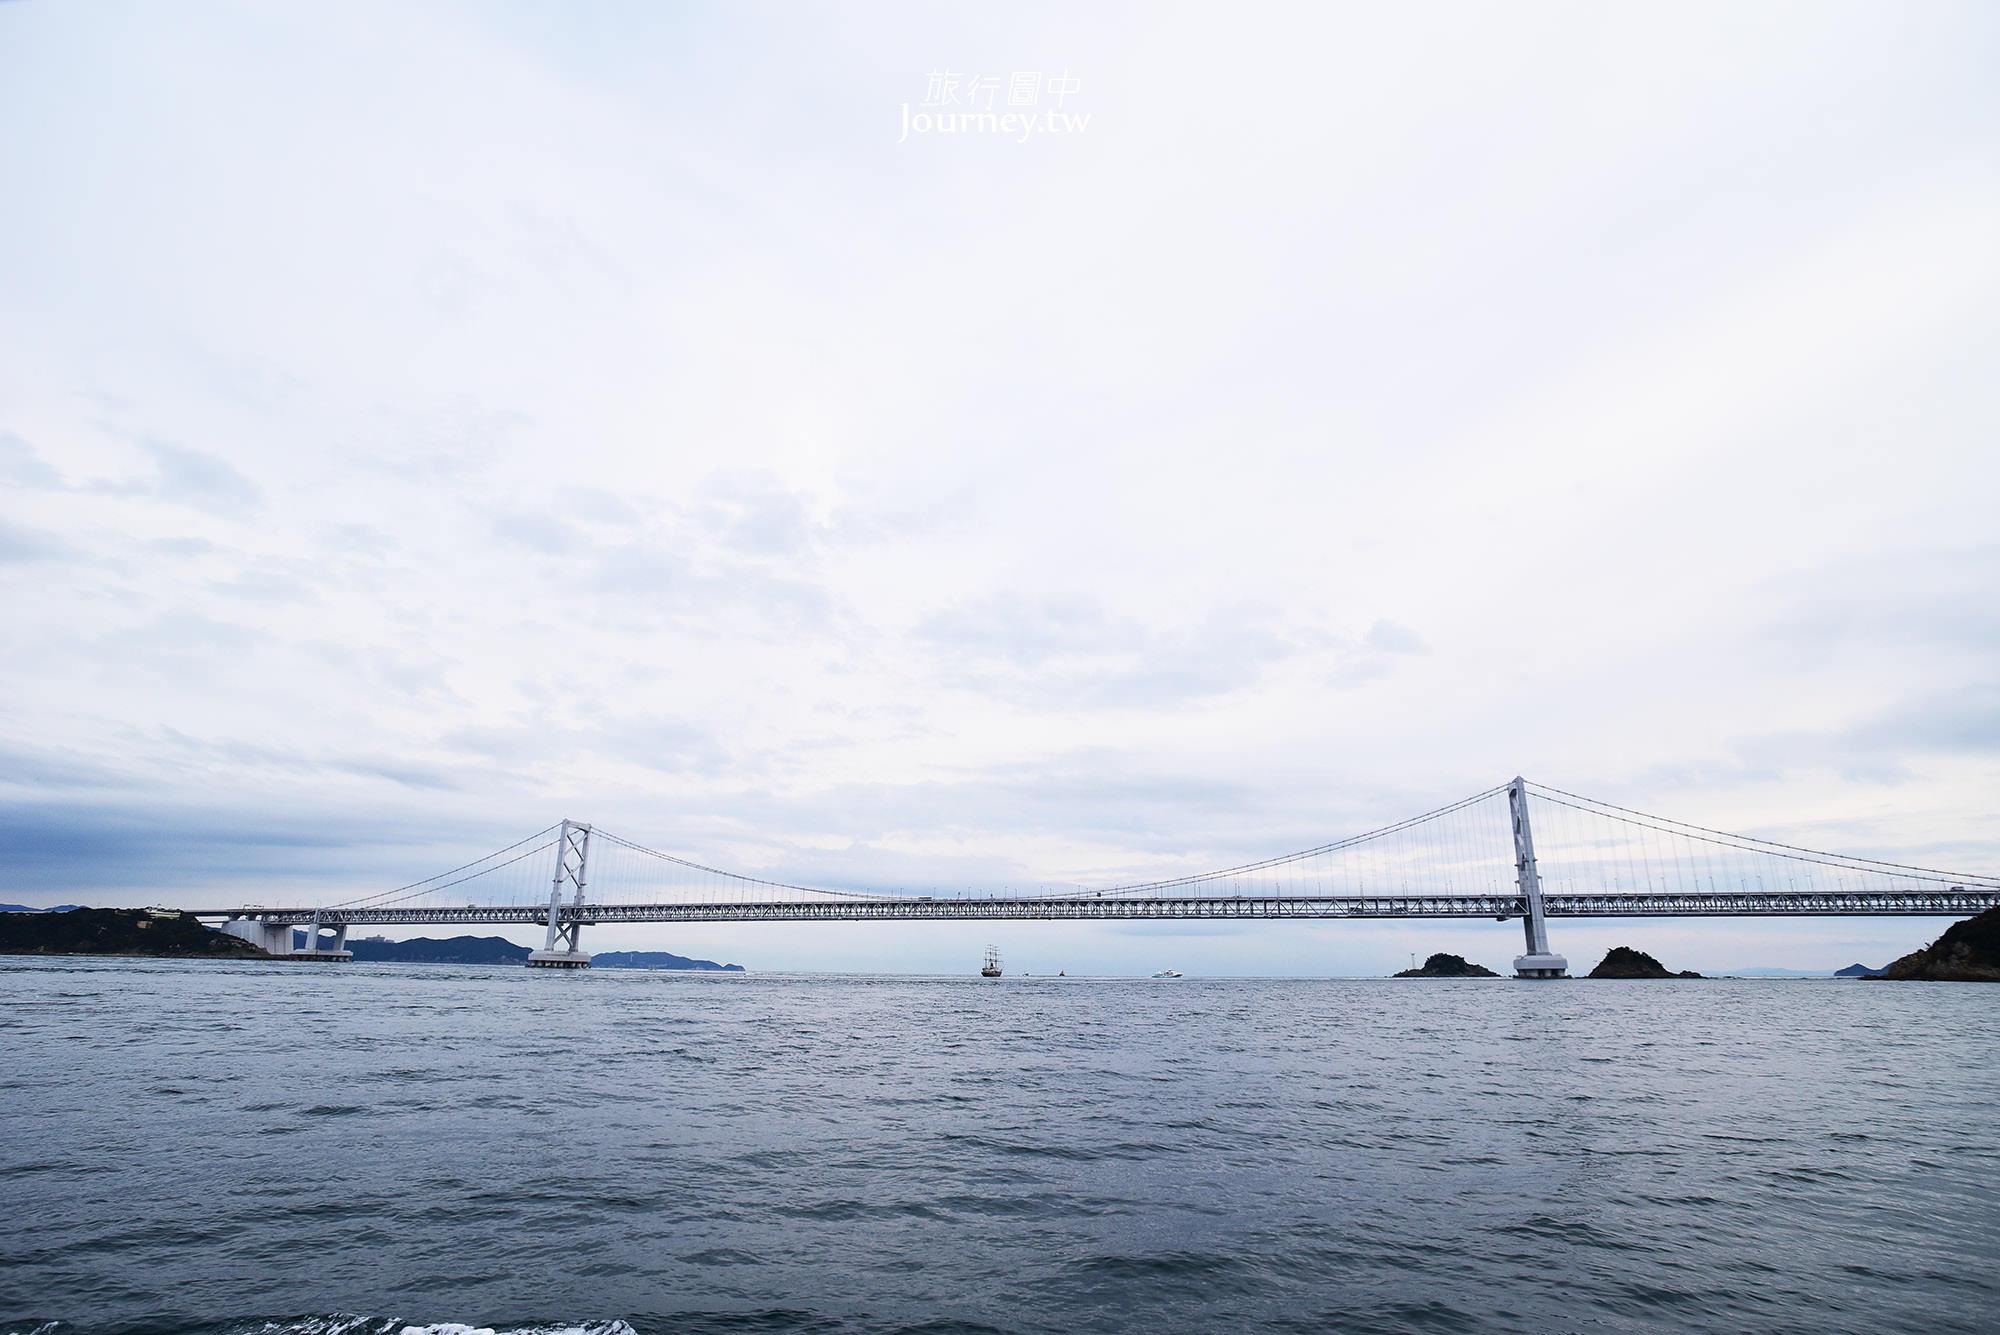 鳴門漩渦,鳴門大橋,鳴門海峡,渦之島,德島景點,四國景點